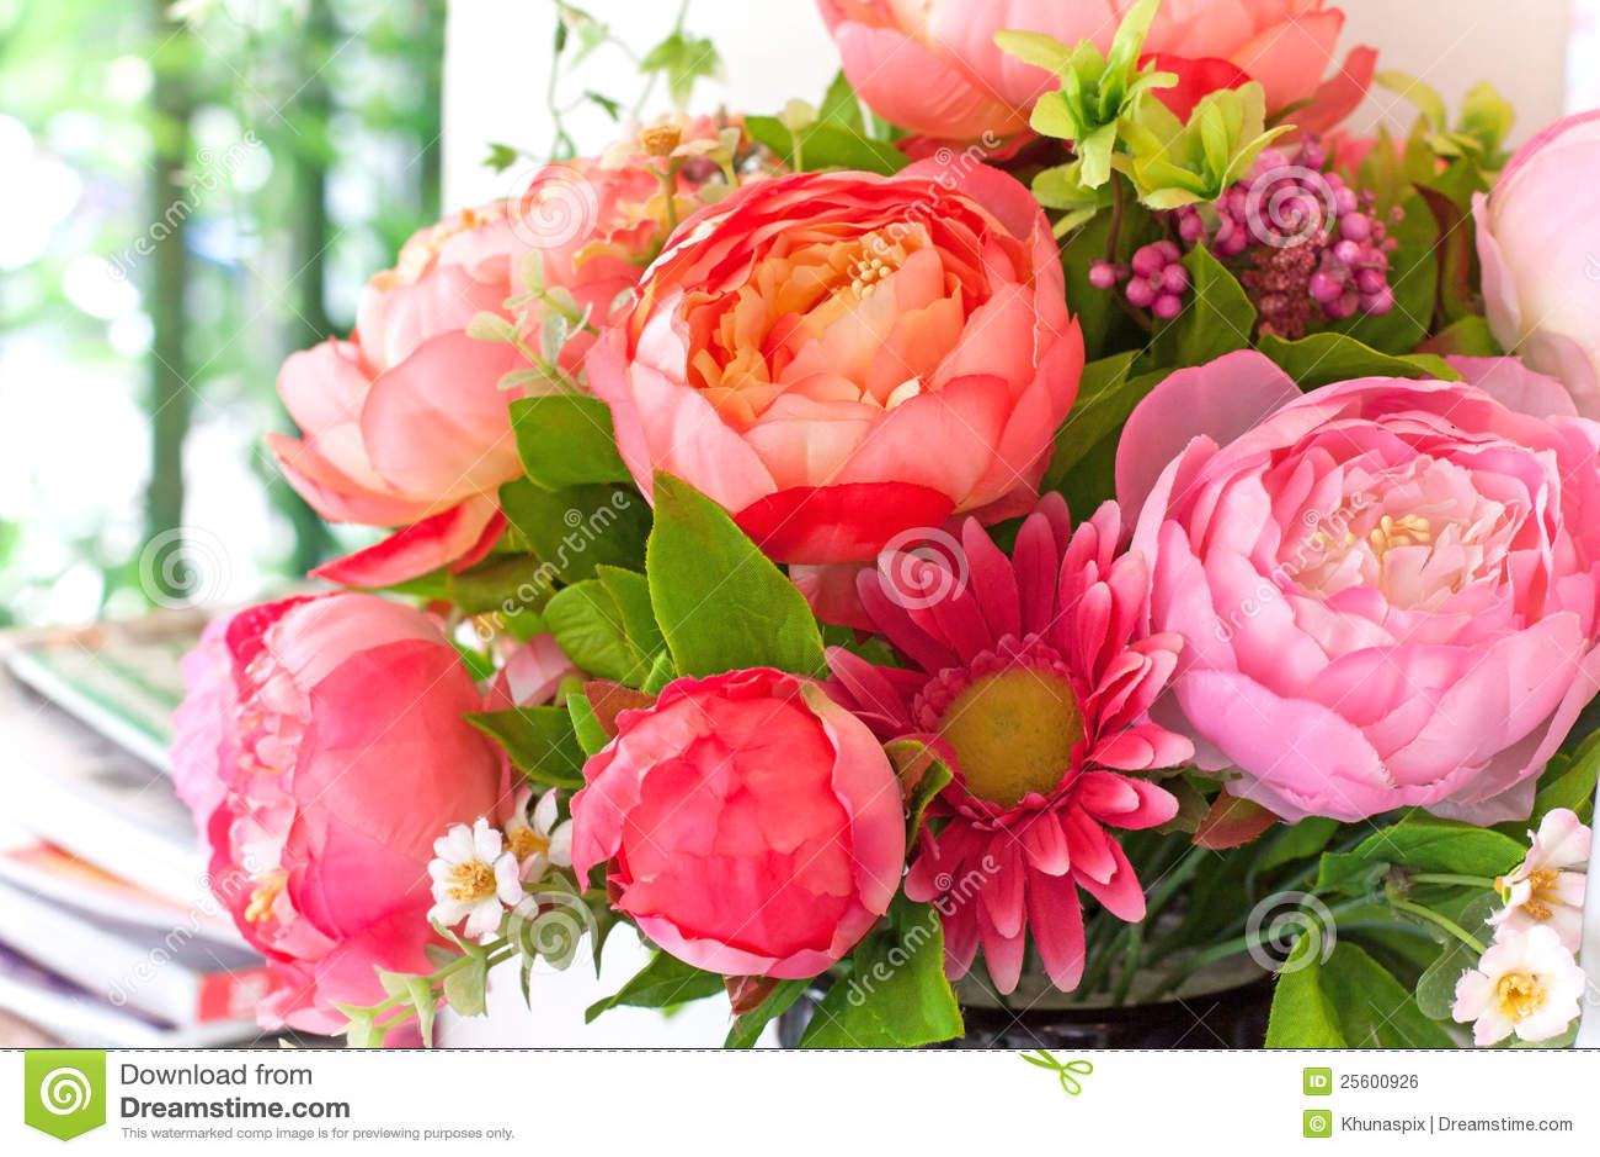 Het boeket van bloemen schikt voor decoratie in huis stock for Bloemen decoratie